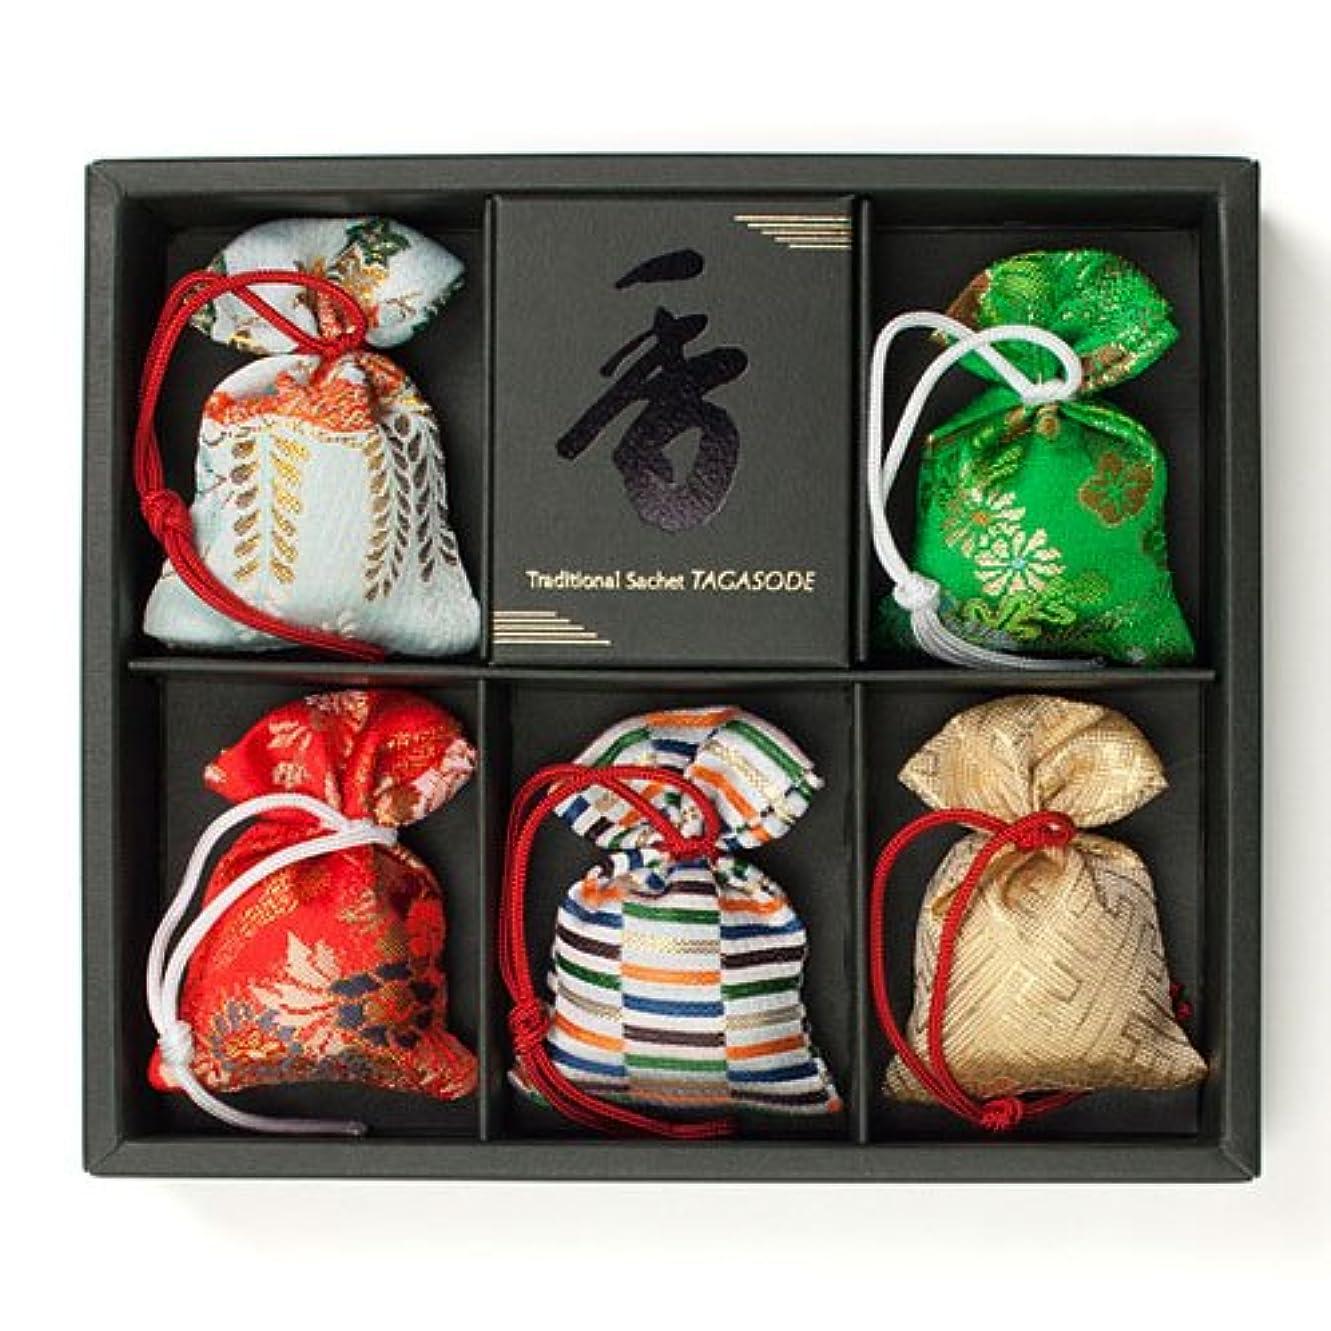 ぬれたエクスタシーバンケット匂い袋 誰が袖 極品 5個入 松栄堂 Shoyeido 本体長さ60mm (色?柄は選べません)